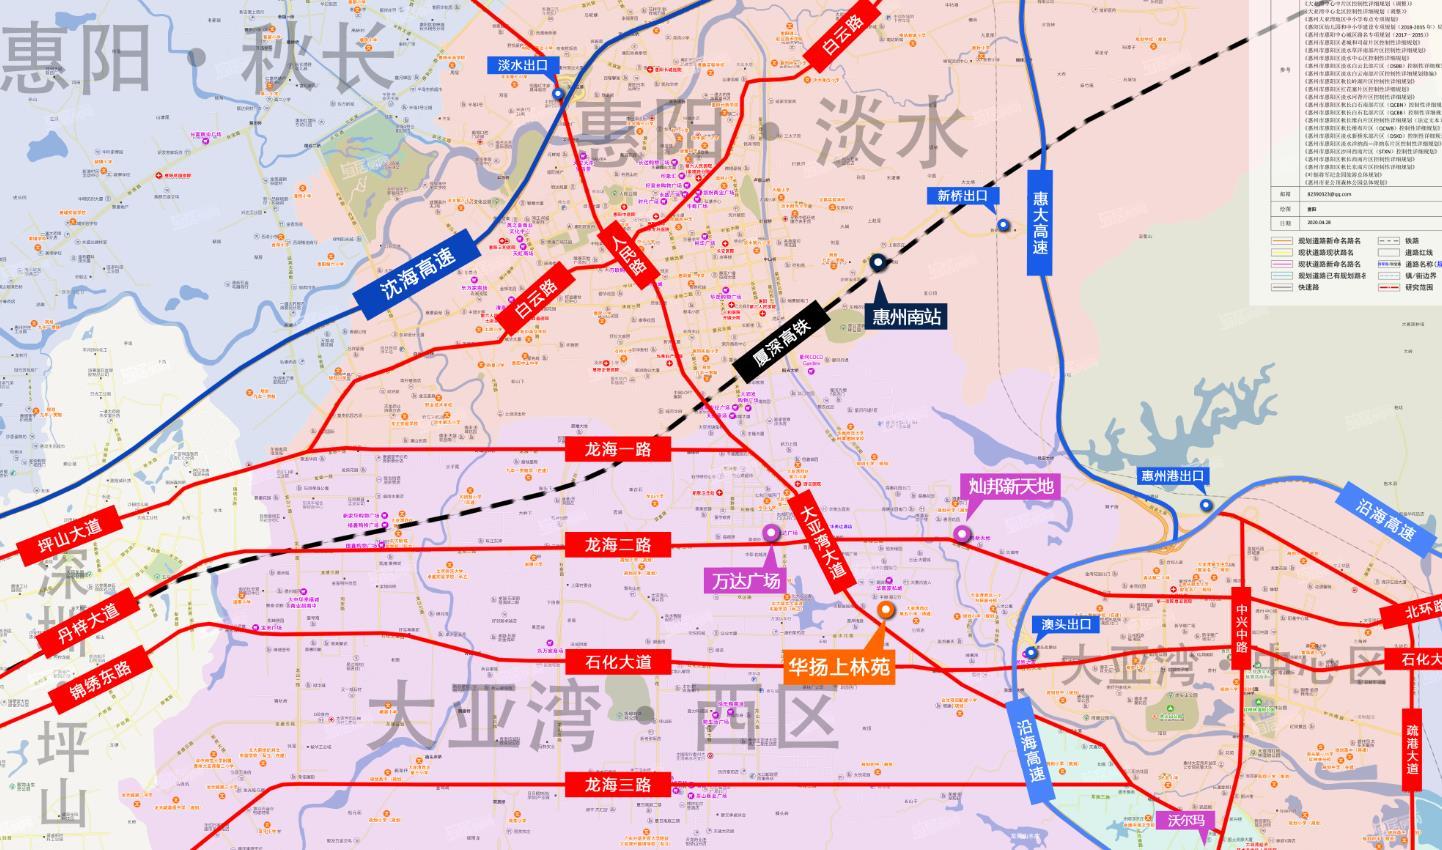 惠州大亚湾上林苑交通图